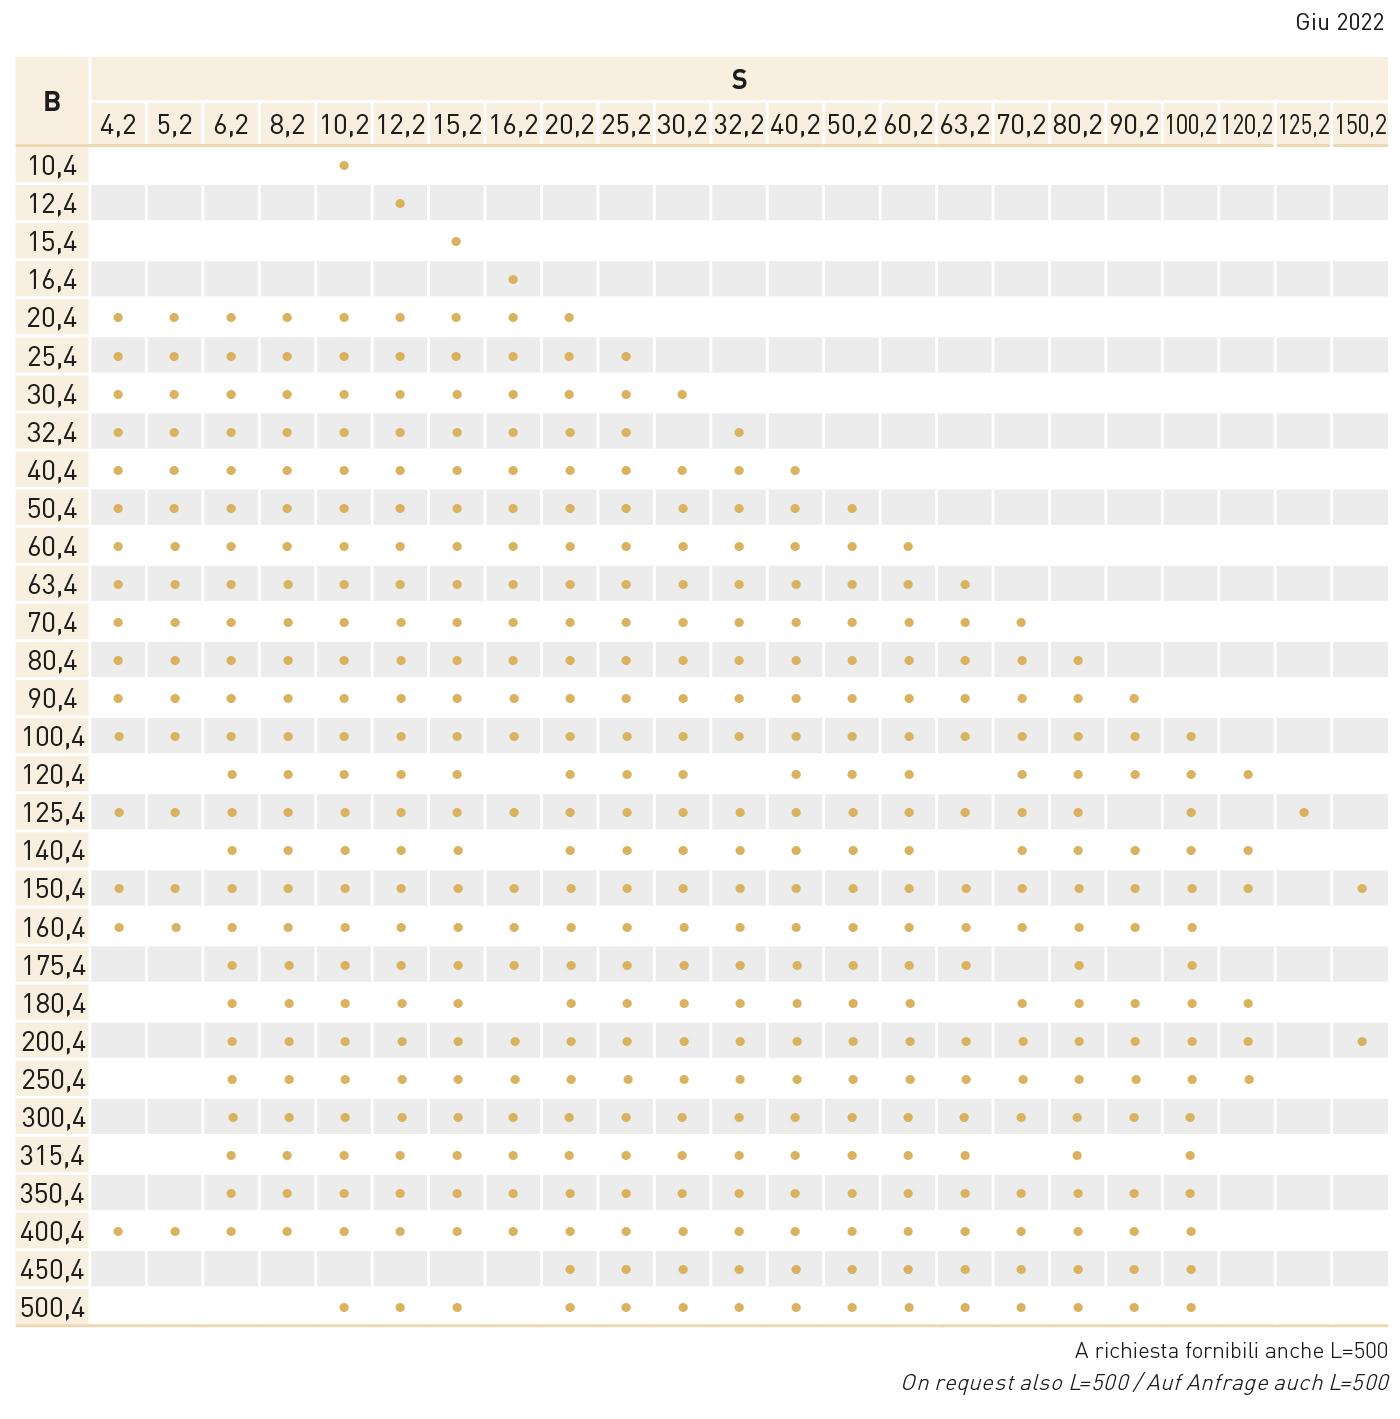 tabella piastre 1.1730 P1730